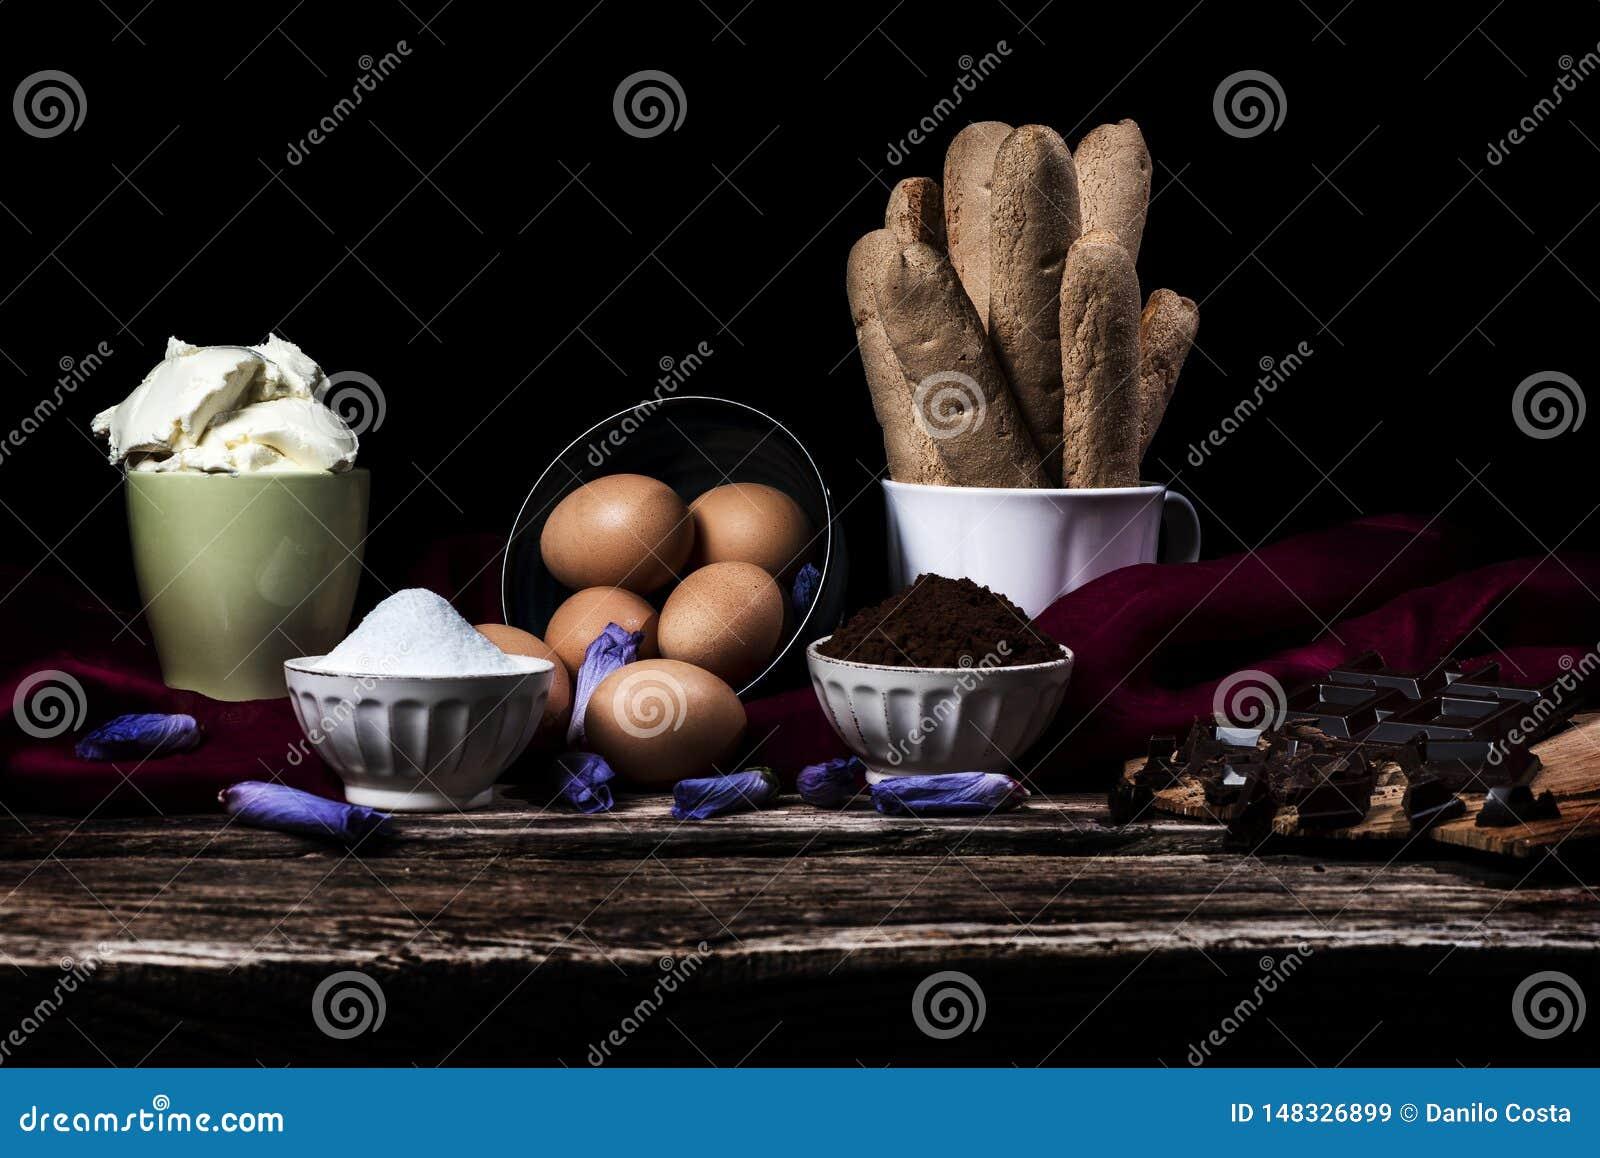 Ingredientes para o tiramisu, o chocolate, o café e o mascarpone italianos em um fundo preto